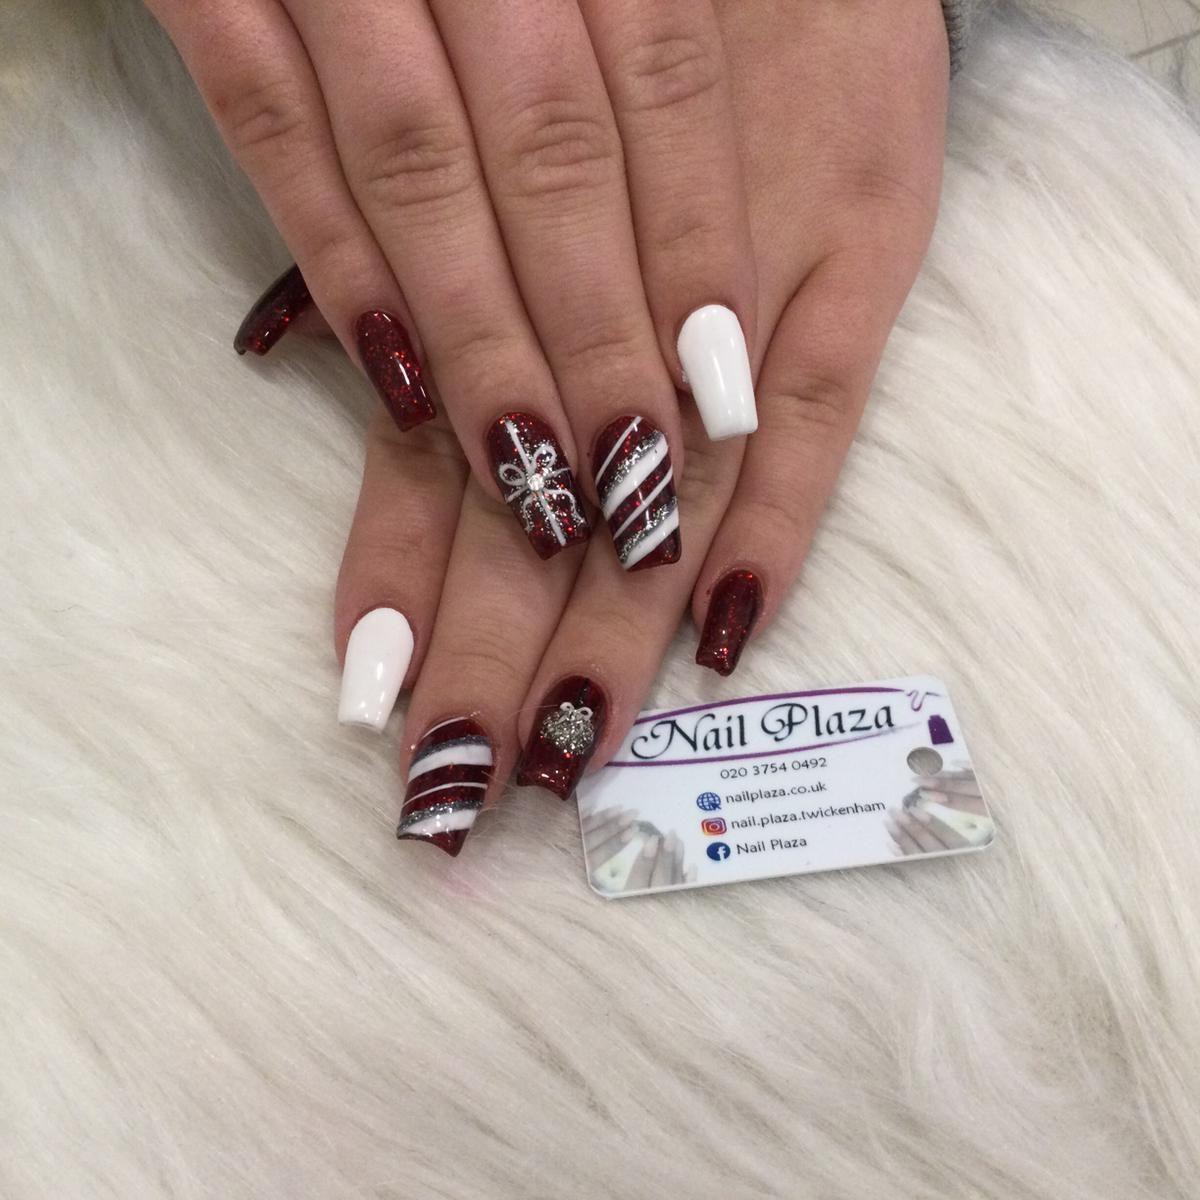 nail-design-211220-9